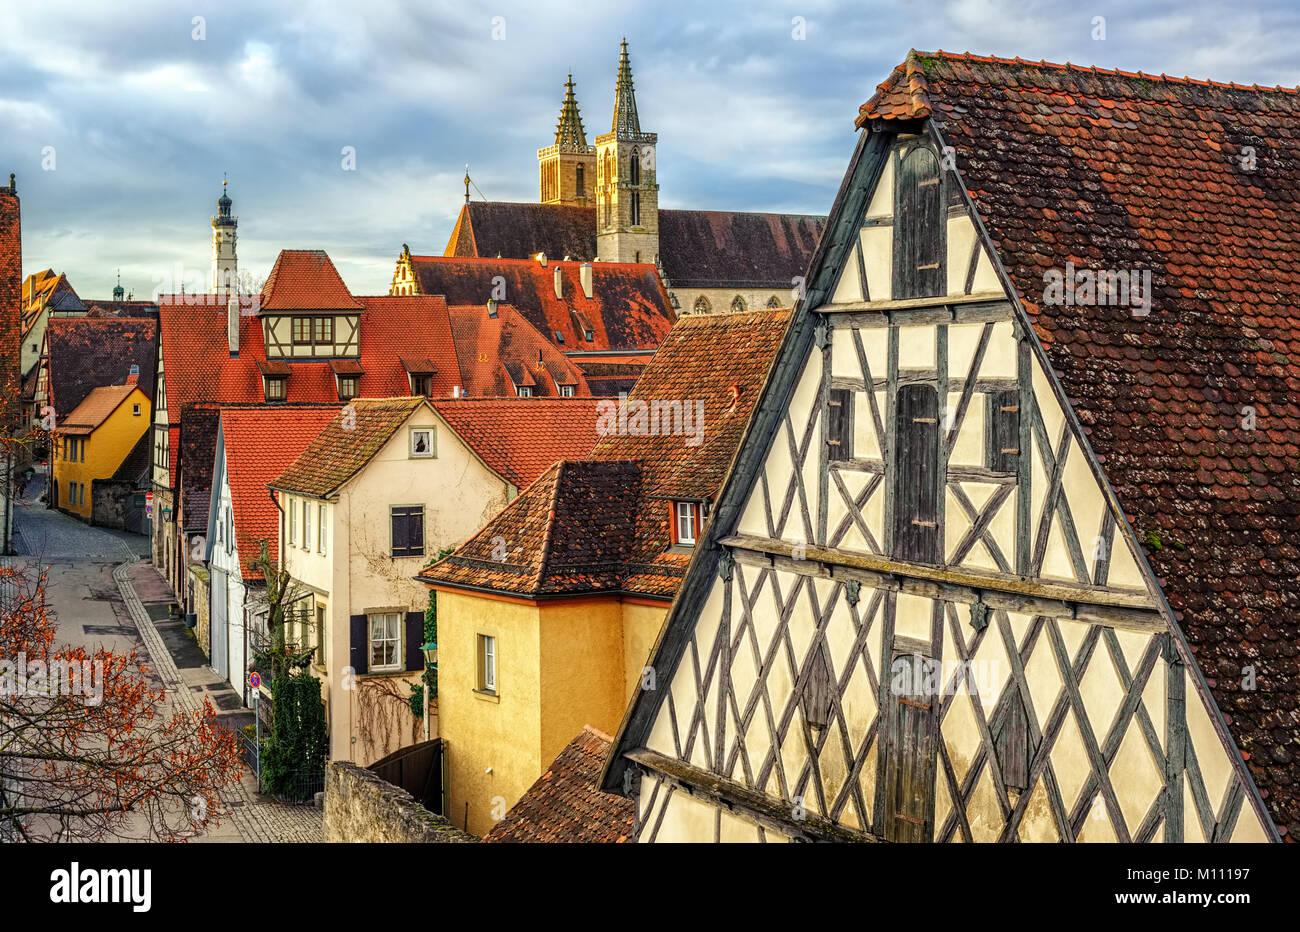 Tradizionale stile gotico semi-case con travi di legno con tetti di ...